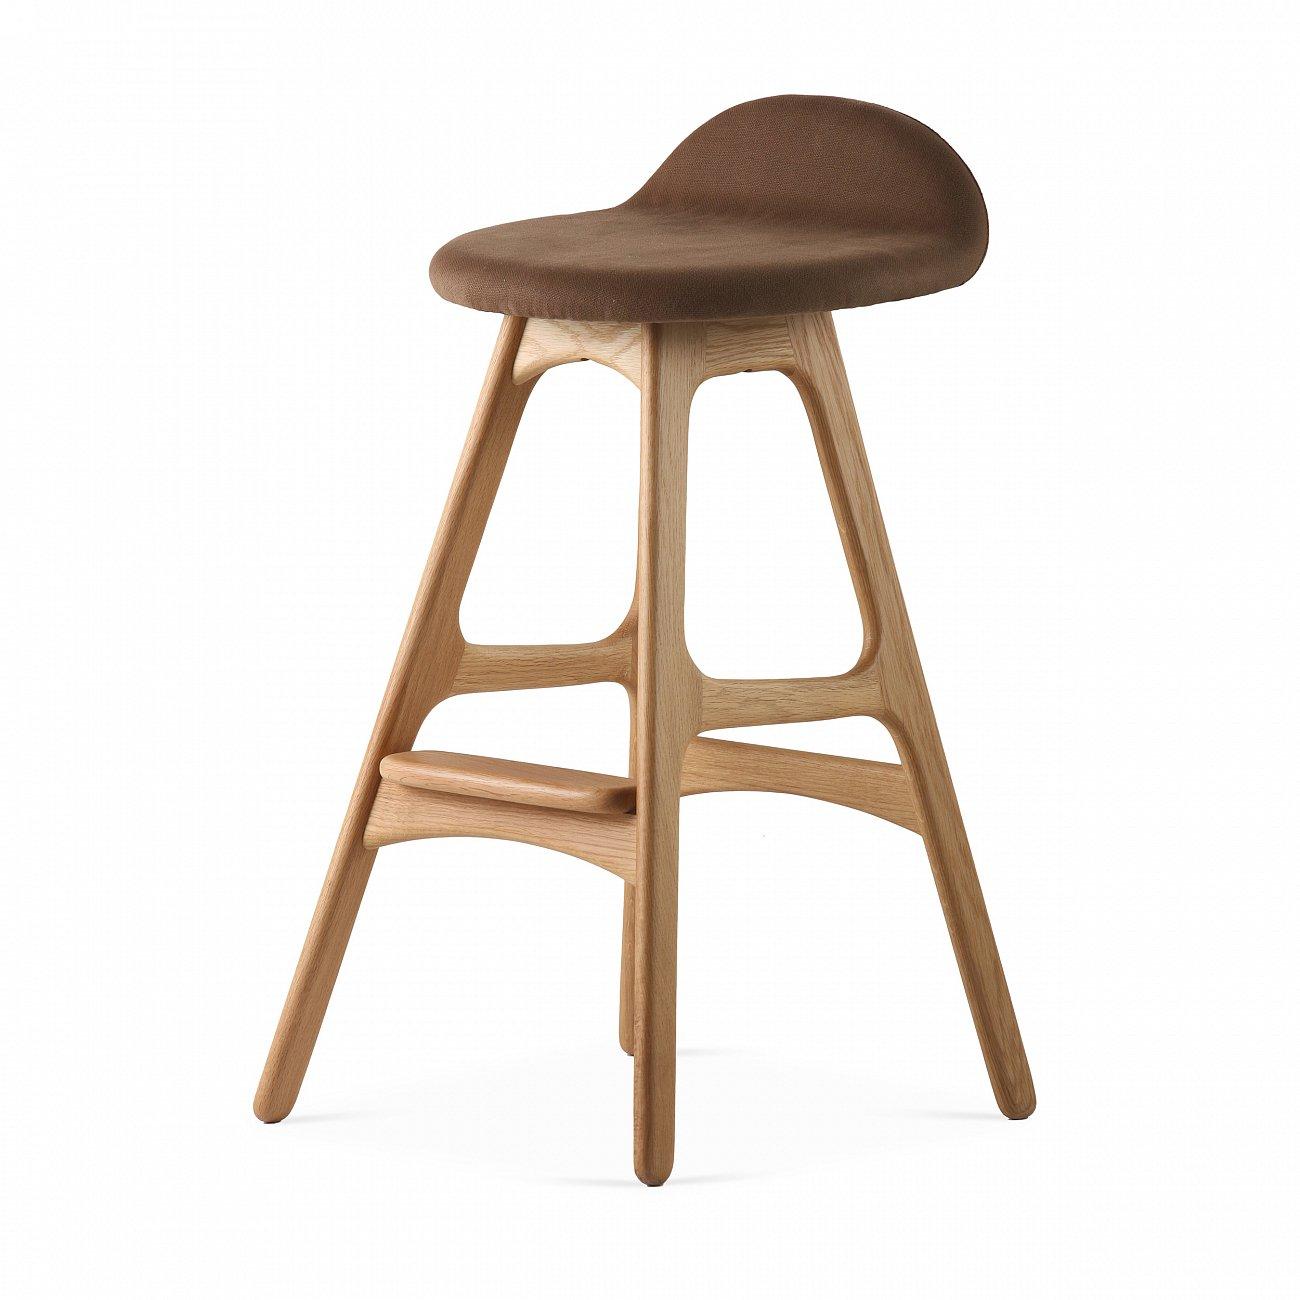 Купить Барный стул Buch Тёмно-Коричневый на светлых ножках в интернет магазине дизайнерской мебели и аксессуаров для дома и дачи